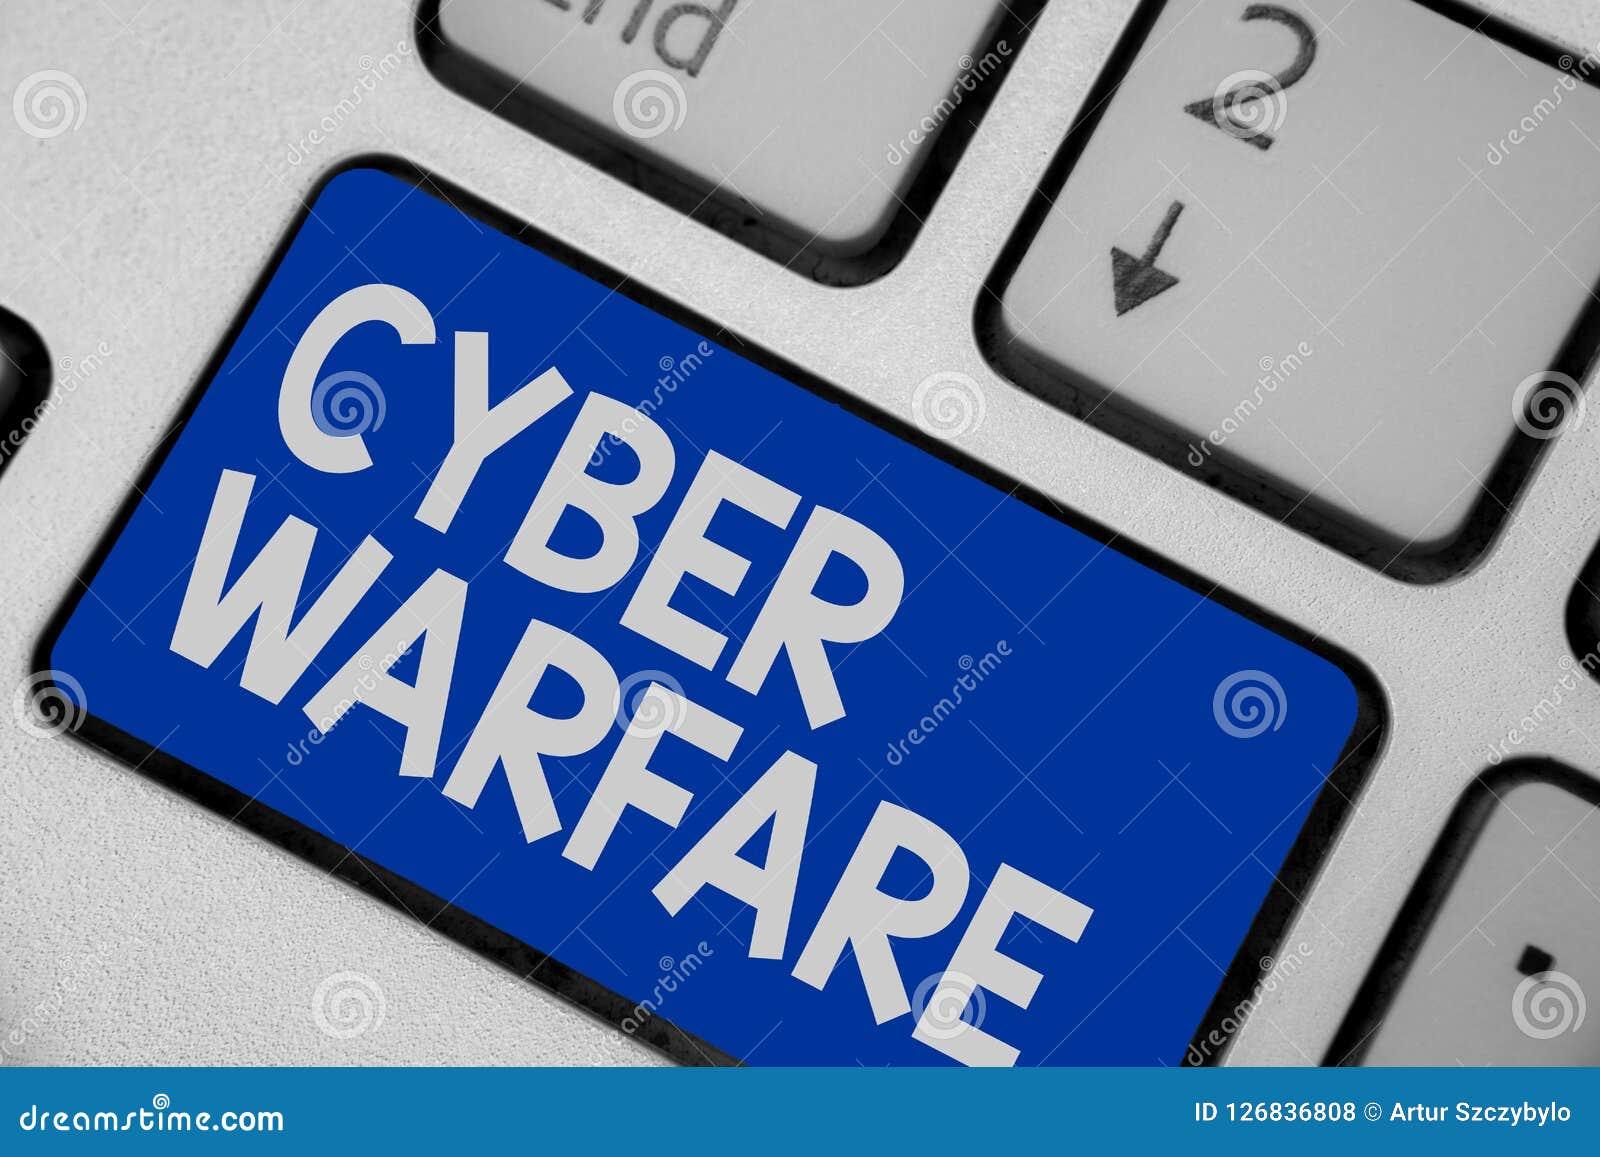 Pisać nutowym pokazuje Cyber działania wojenne Biznesowa fotografia pokazuje Wirtualnego Wojennego hackera system Atakuje Cyfrowe